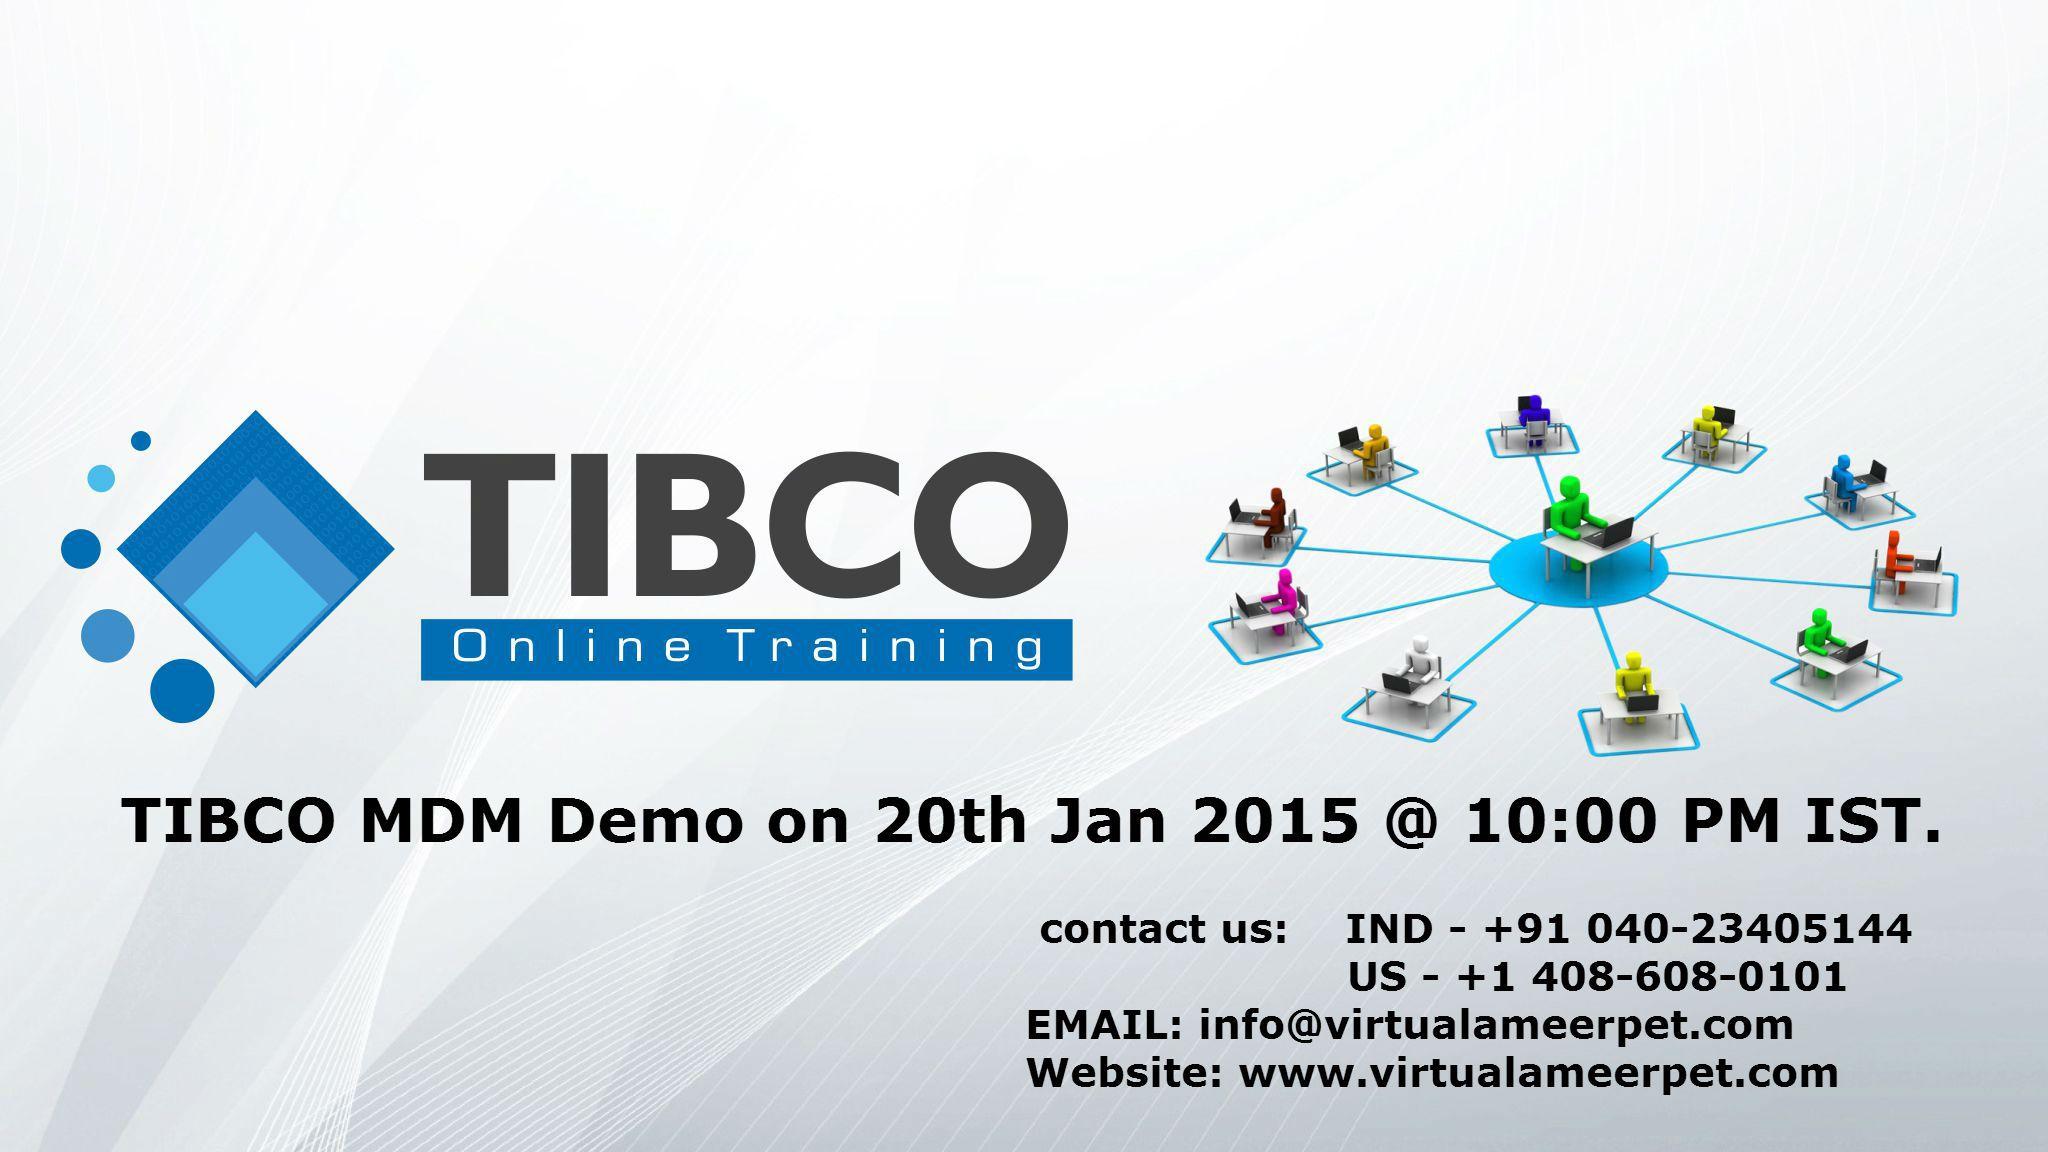 TIBCO MDM Demo on 20th Jan 2015 1000 PM IST. www